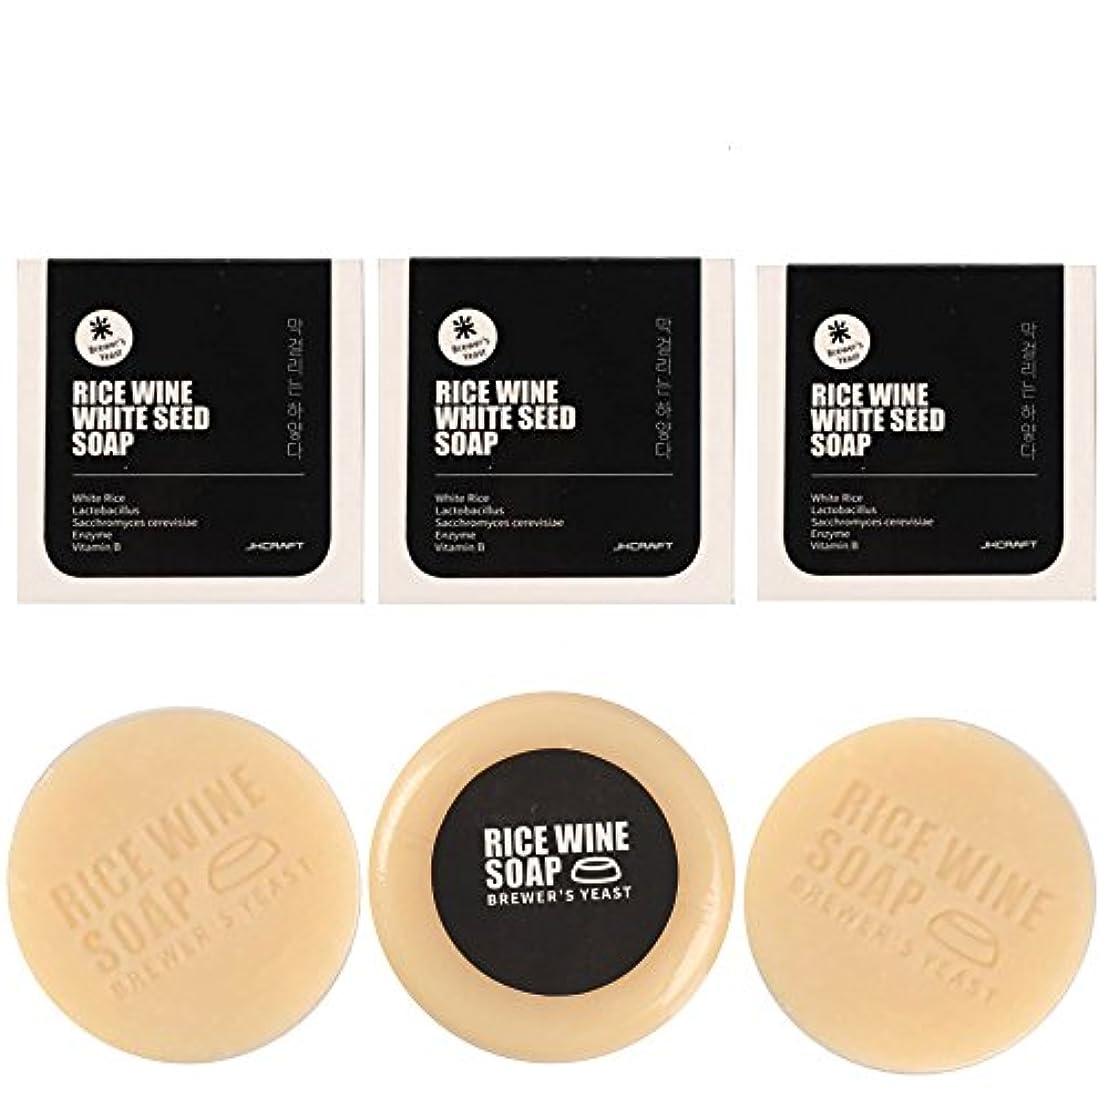 部分的モードリンマニアJKCRAFT RICEWINE WHITE SEED SOAP マッコリ酵母石鹸 3pcs [並行輸入品]マッコリ酵母石鹸,無添加,無刺激,天然洗顔石鹸